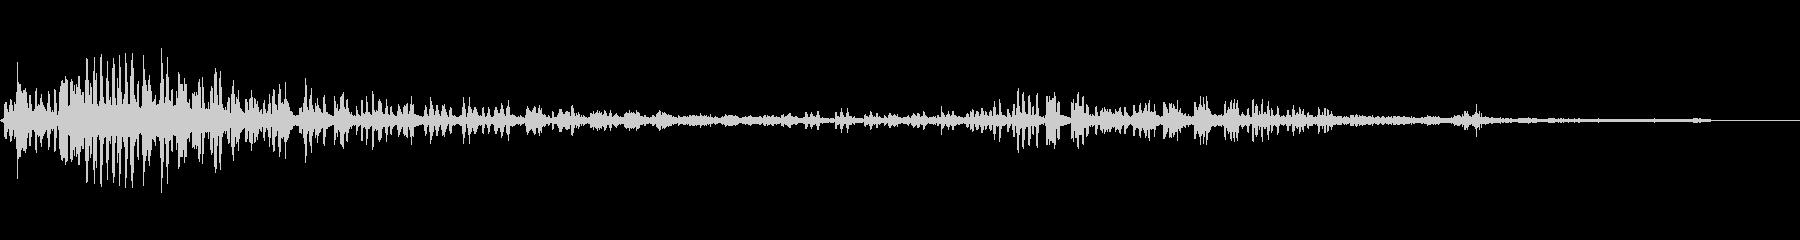 白鳥歌手-飛行-の未再生の波形